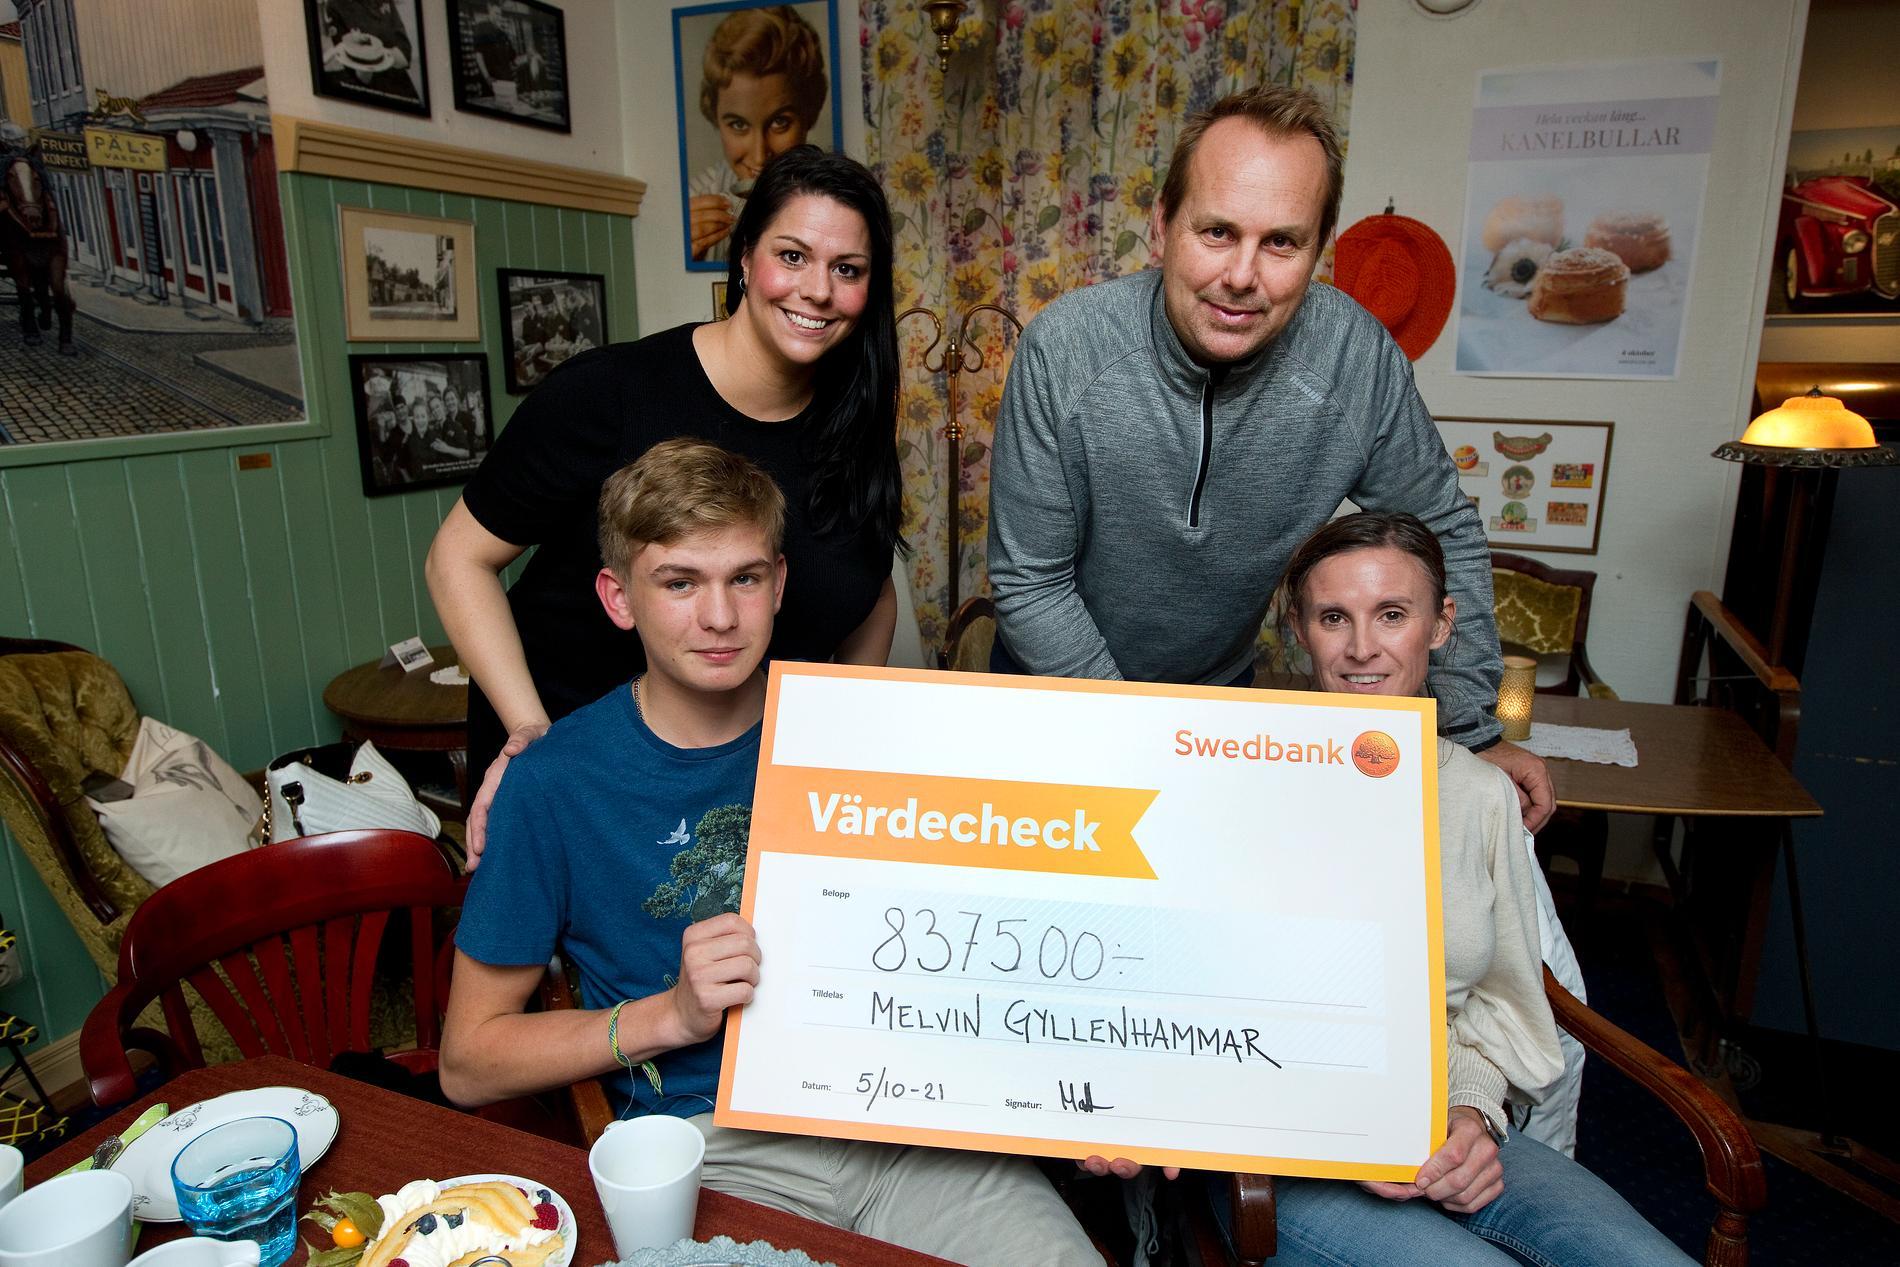 Jessica Nilsson Greco och Mattias Nygren delade ut en check till Melvin Gyllenhammar och hans mamma Caroline Gyllenhammar. De planerar att använda pengarna för att hjälpa andra.